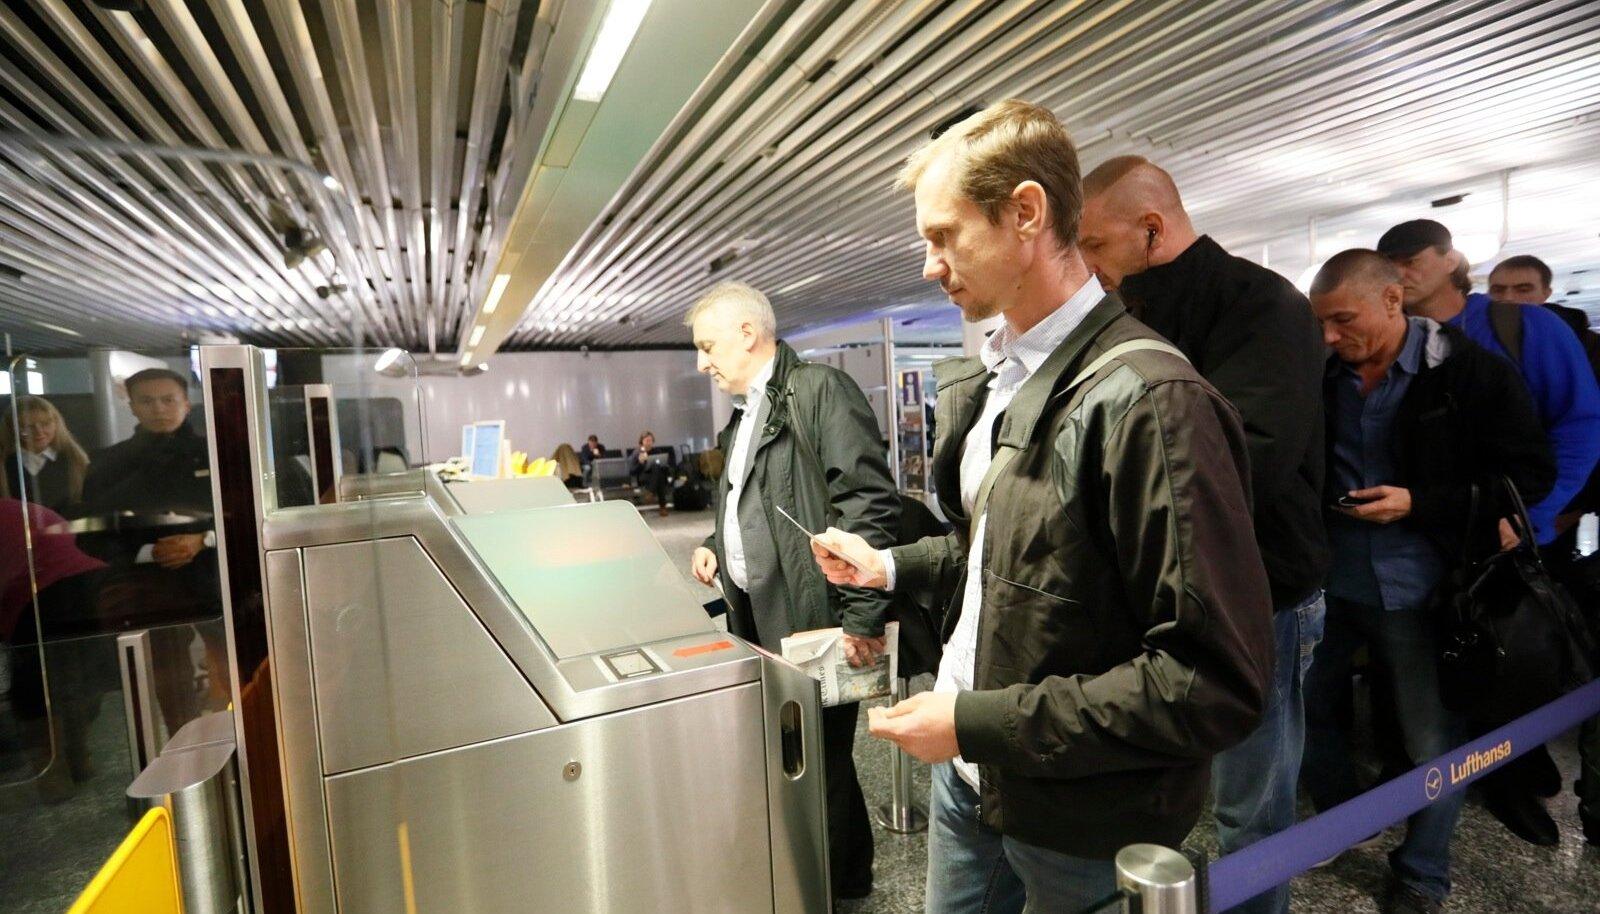 Eesti laevakaitsjad lähevad Frankfurdi lennujaamas Tallinna lennule. Kohe-kohe on nad kodus.